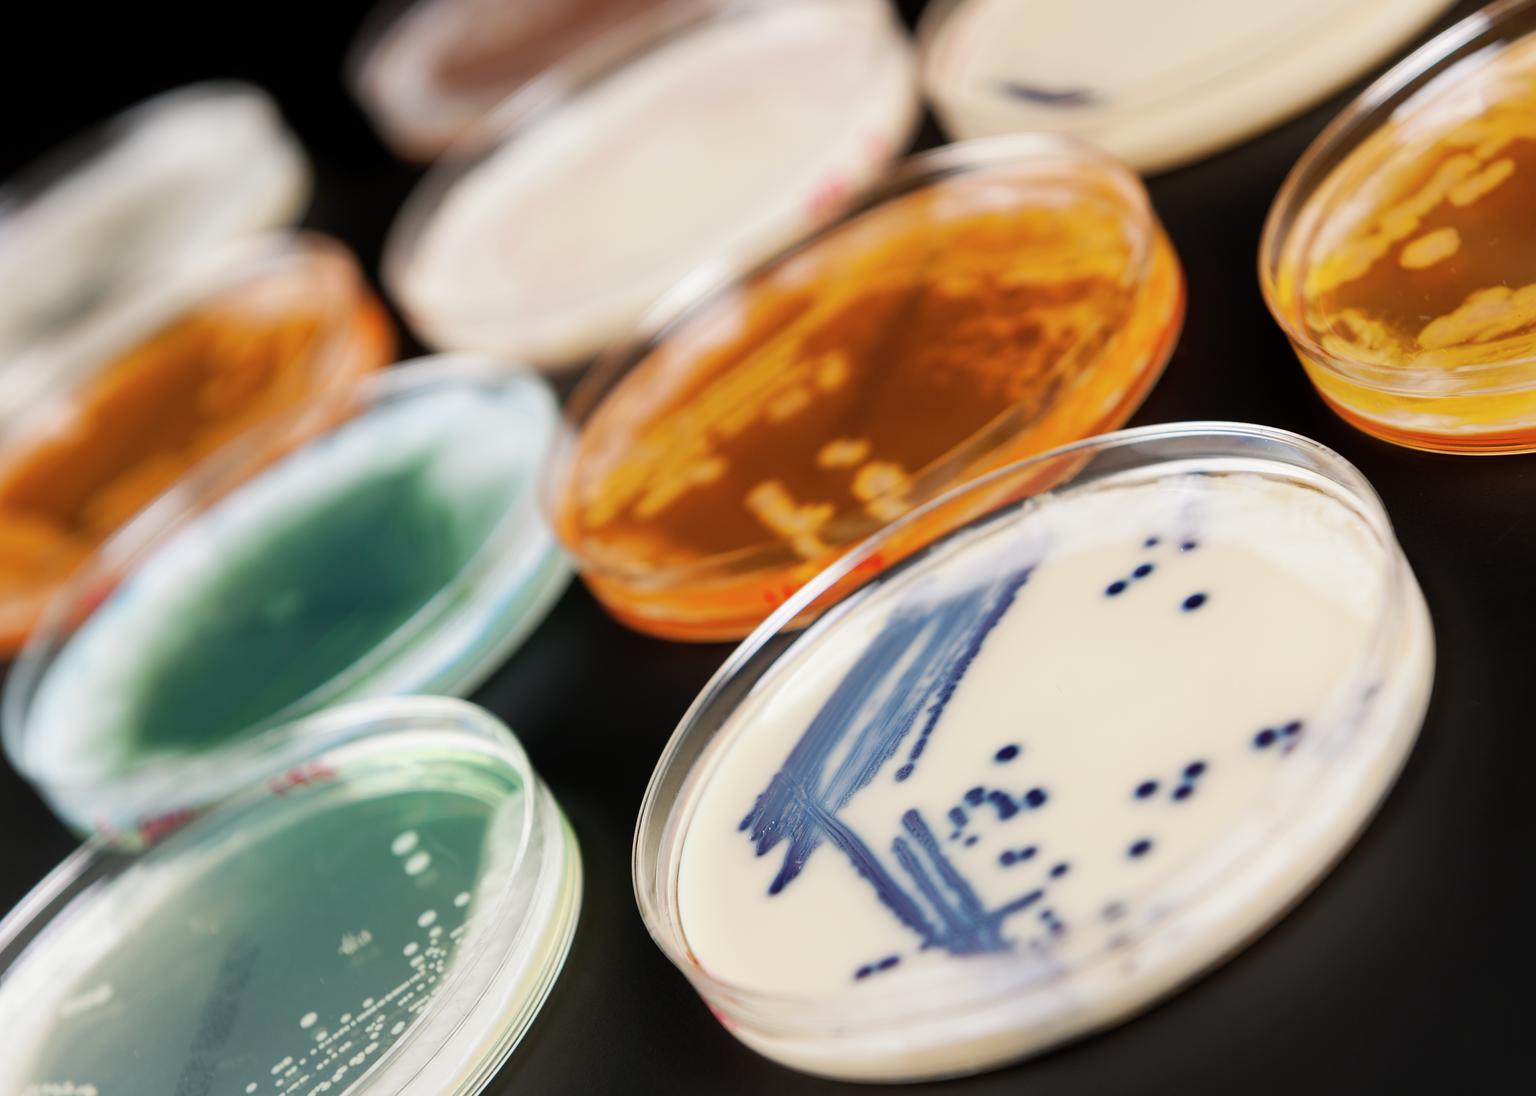 Серия мастер-классов по микробиологии «Лекции Сеченовки» – события на сайте «Московские Сезоны»